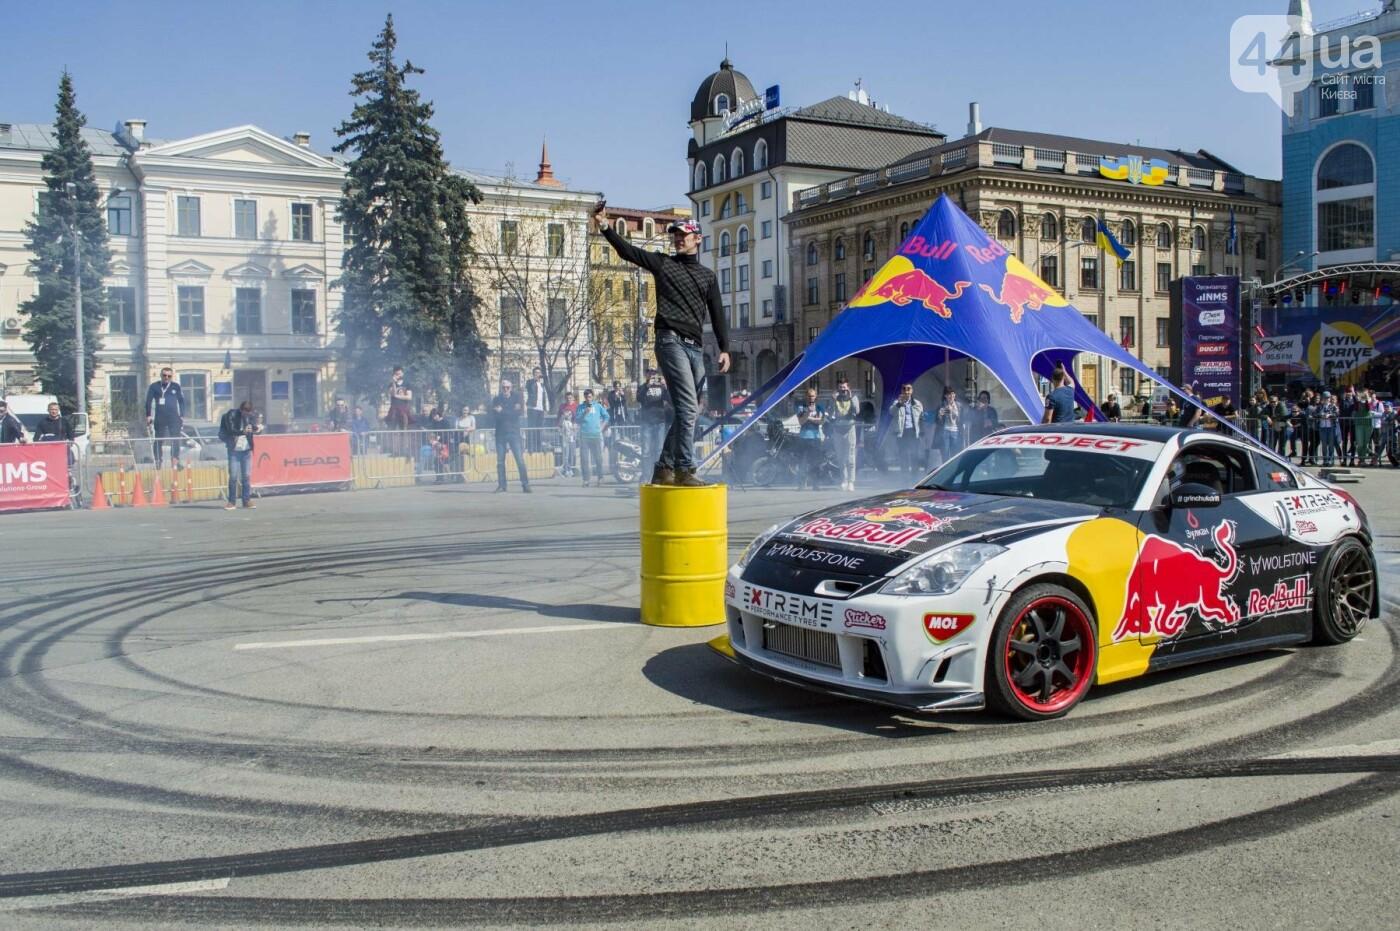 Мотогонки, автошоу патрульных и мощный дрифт: на Подоле проходит масштабный фестиваль драйва, фото-15